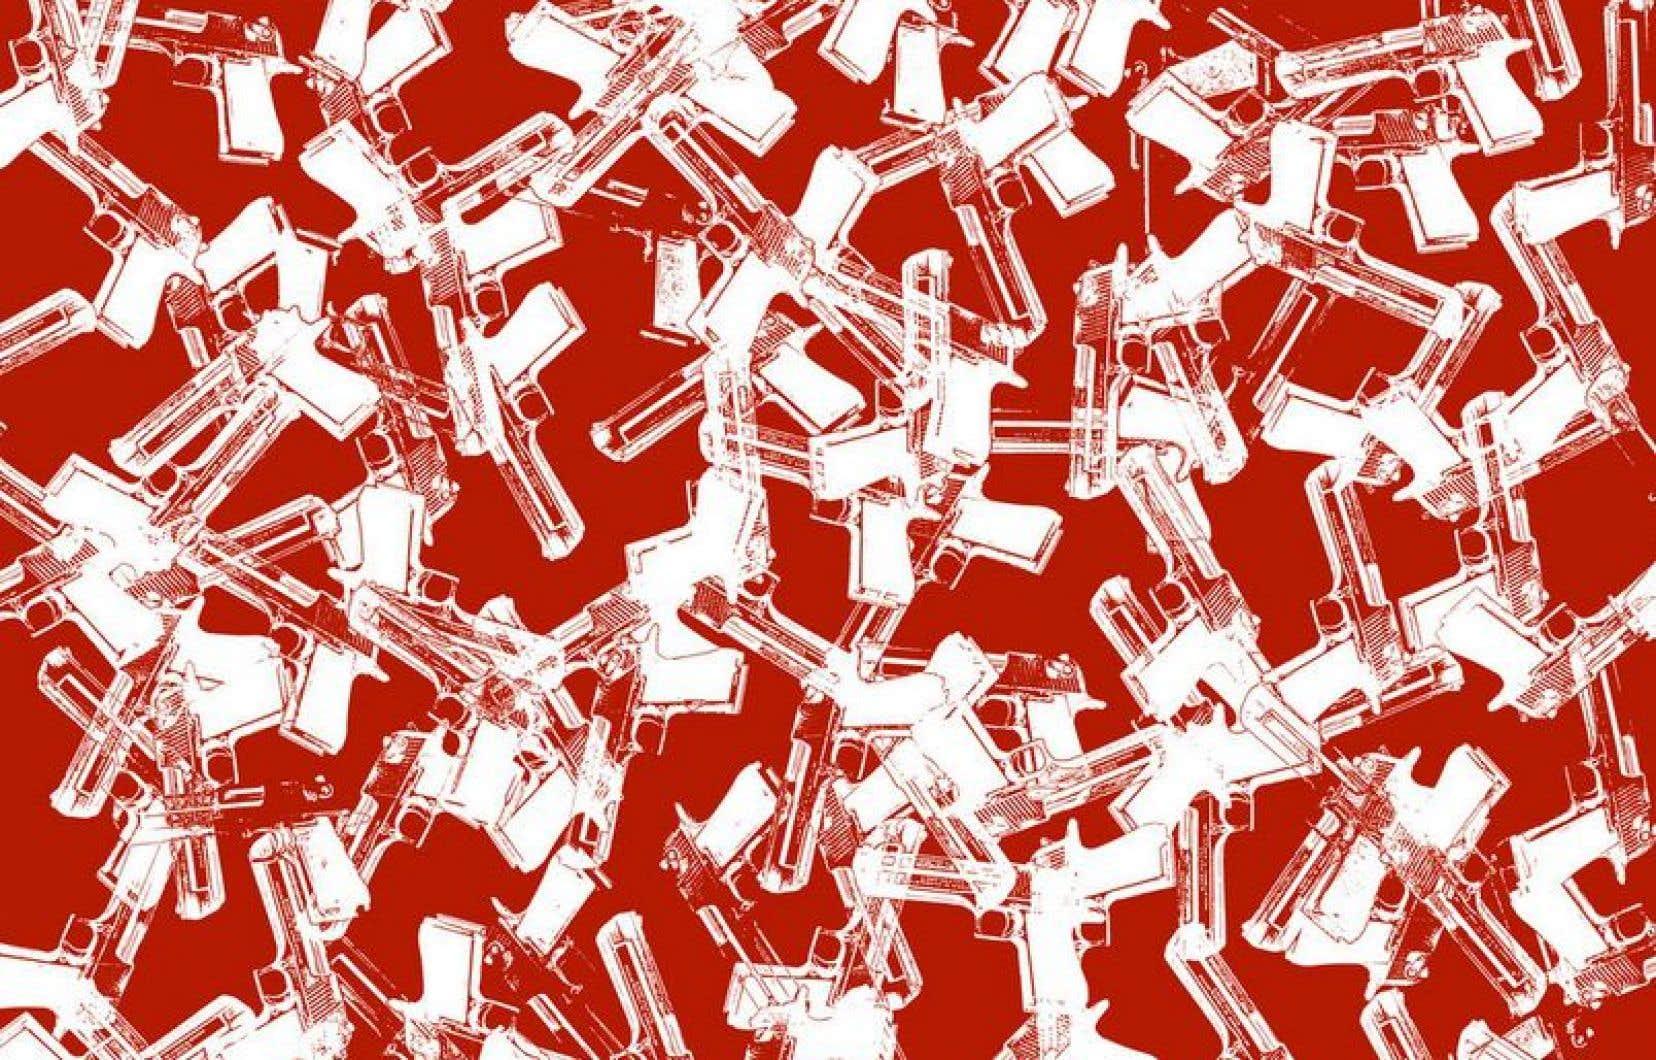 Guns, guns, guns, par l'artiste Acaos.